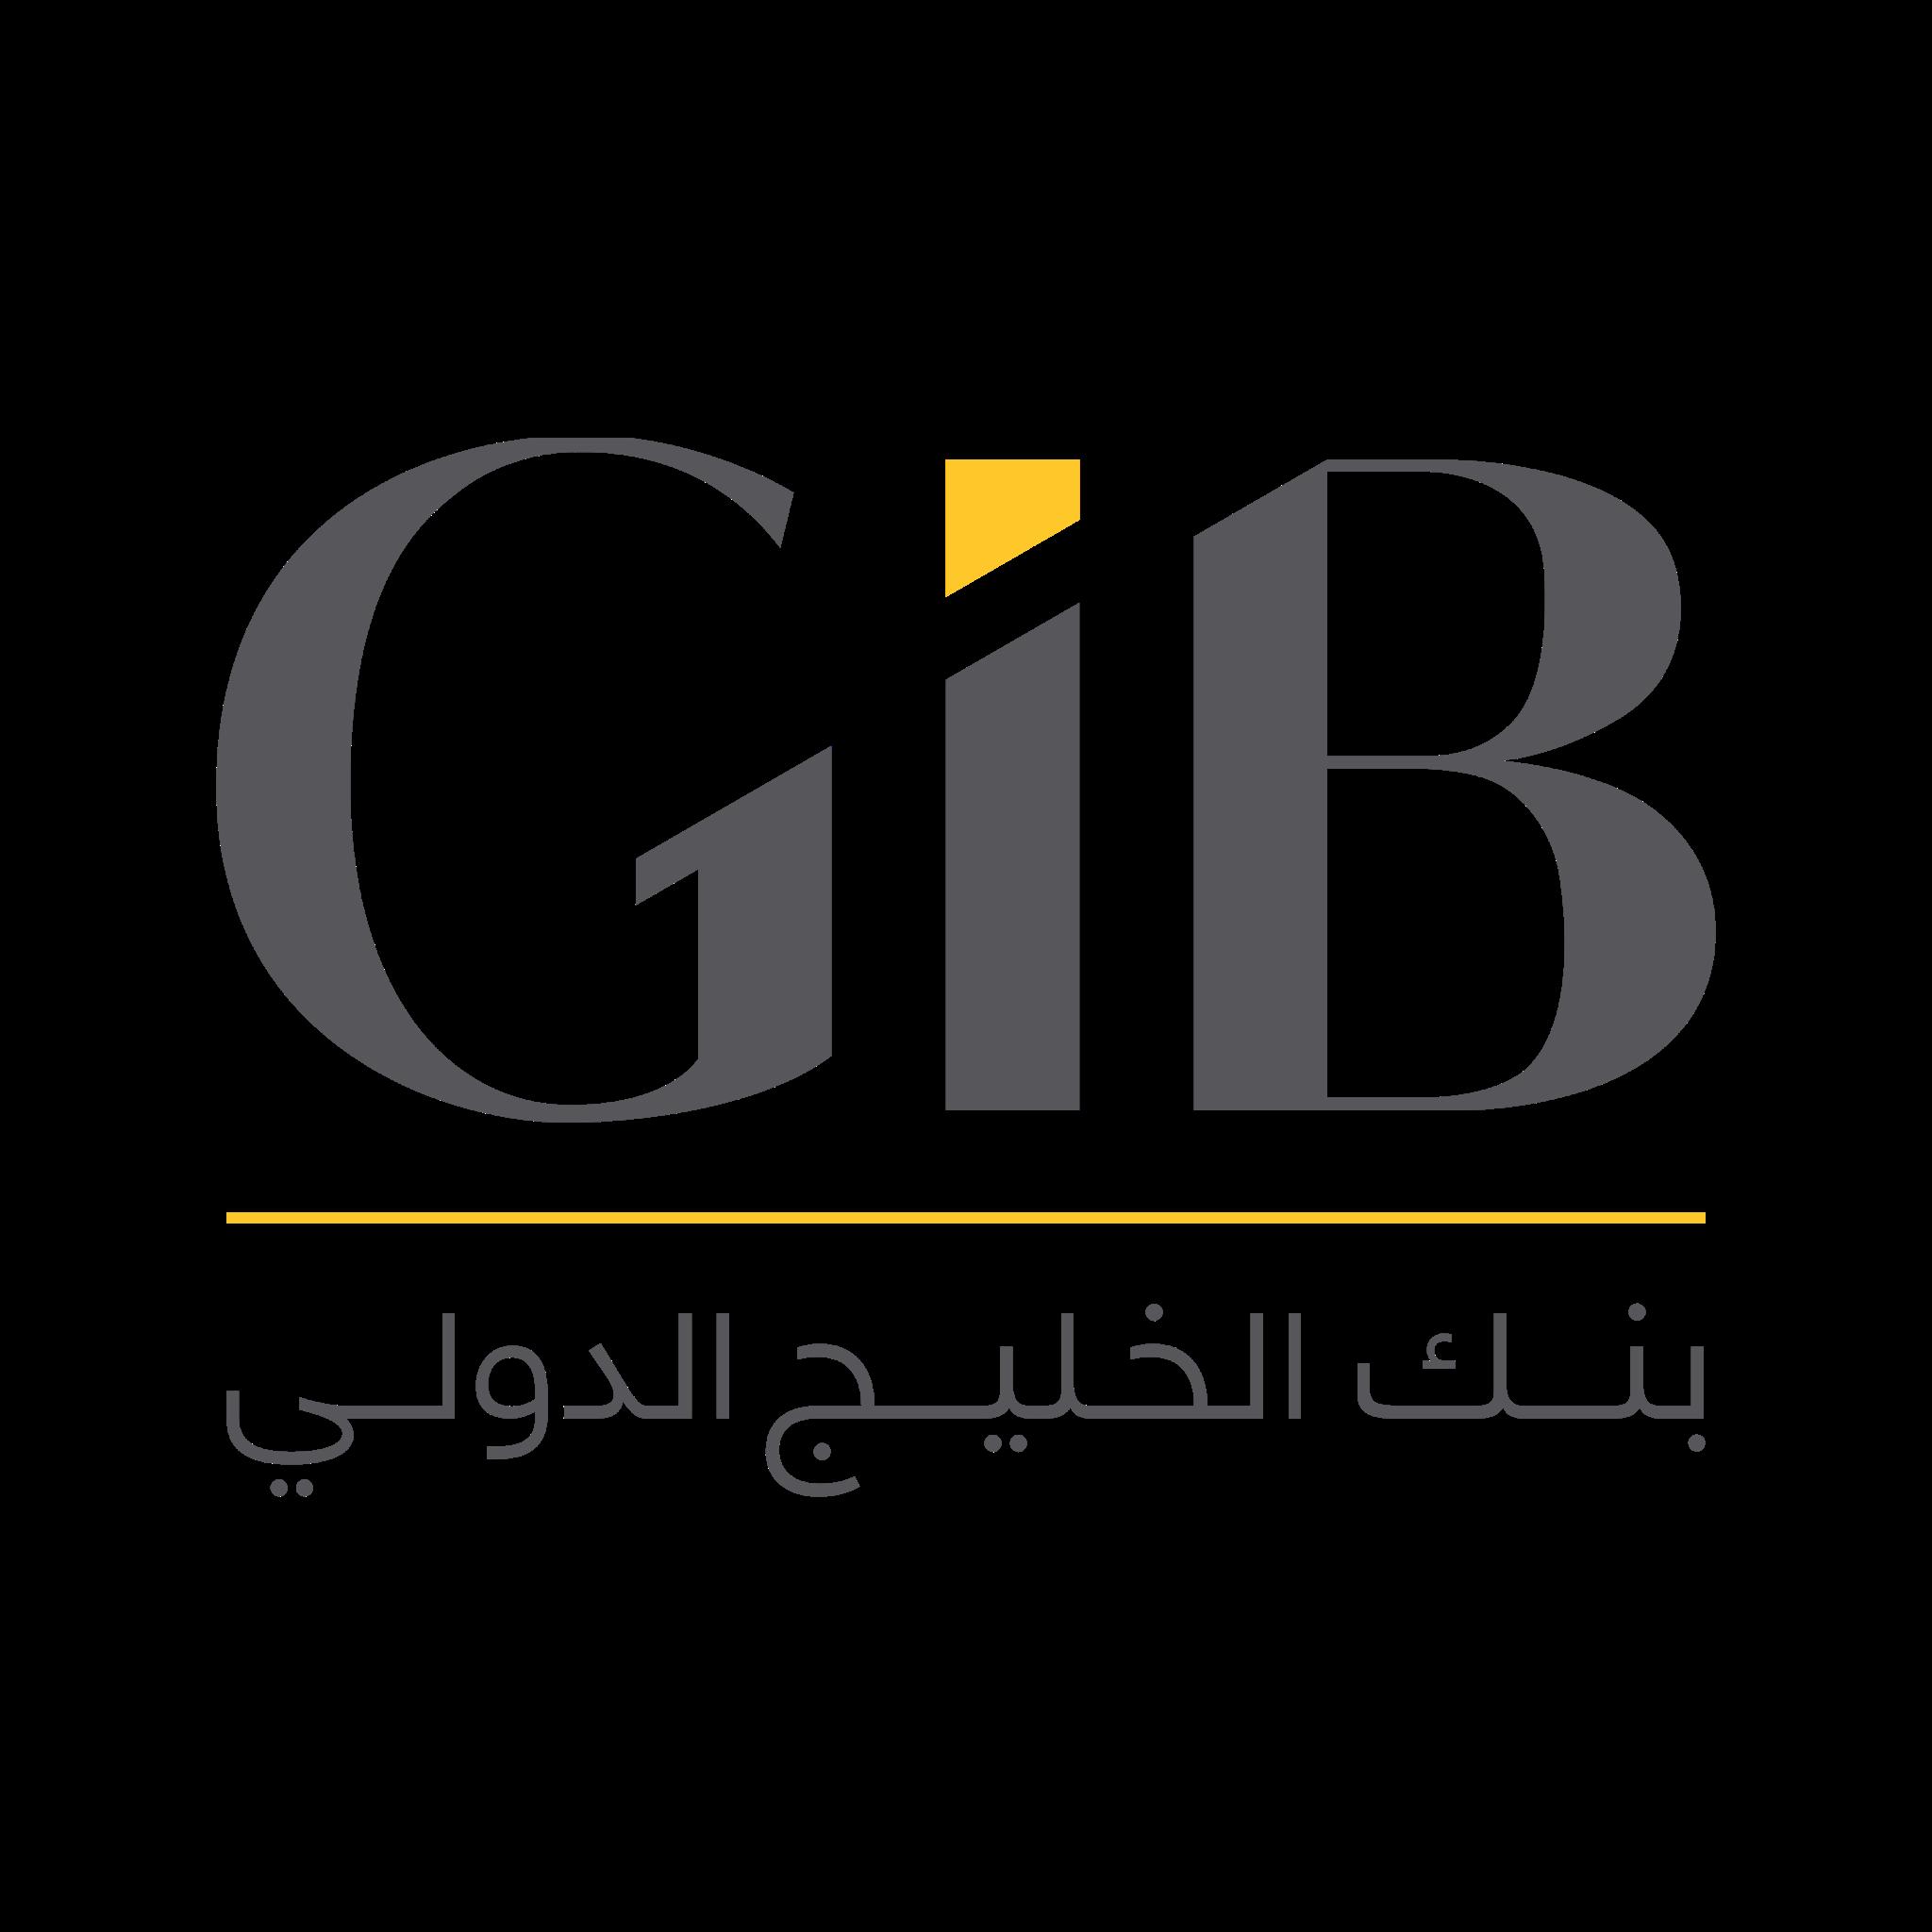 تحميل شعار بنك الخليج الدولي شفاف لوجو رسمي عالي الدقة بصيغة PNG